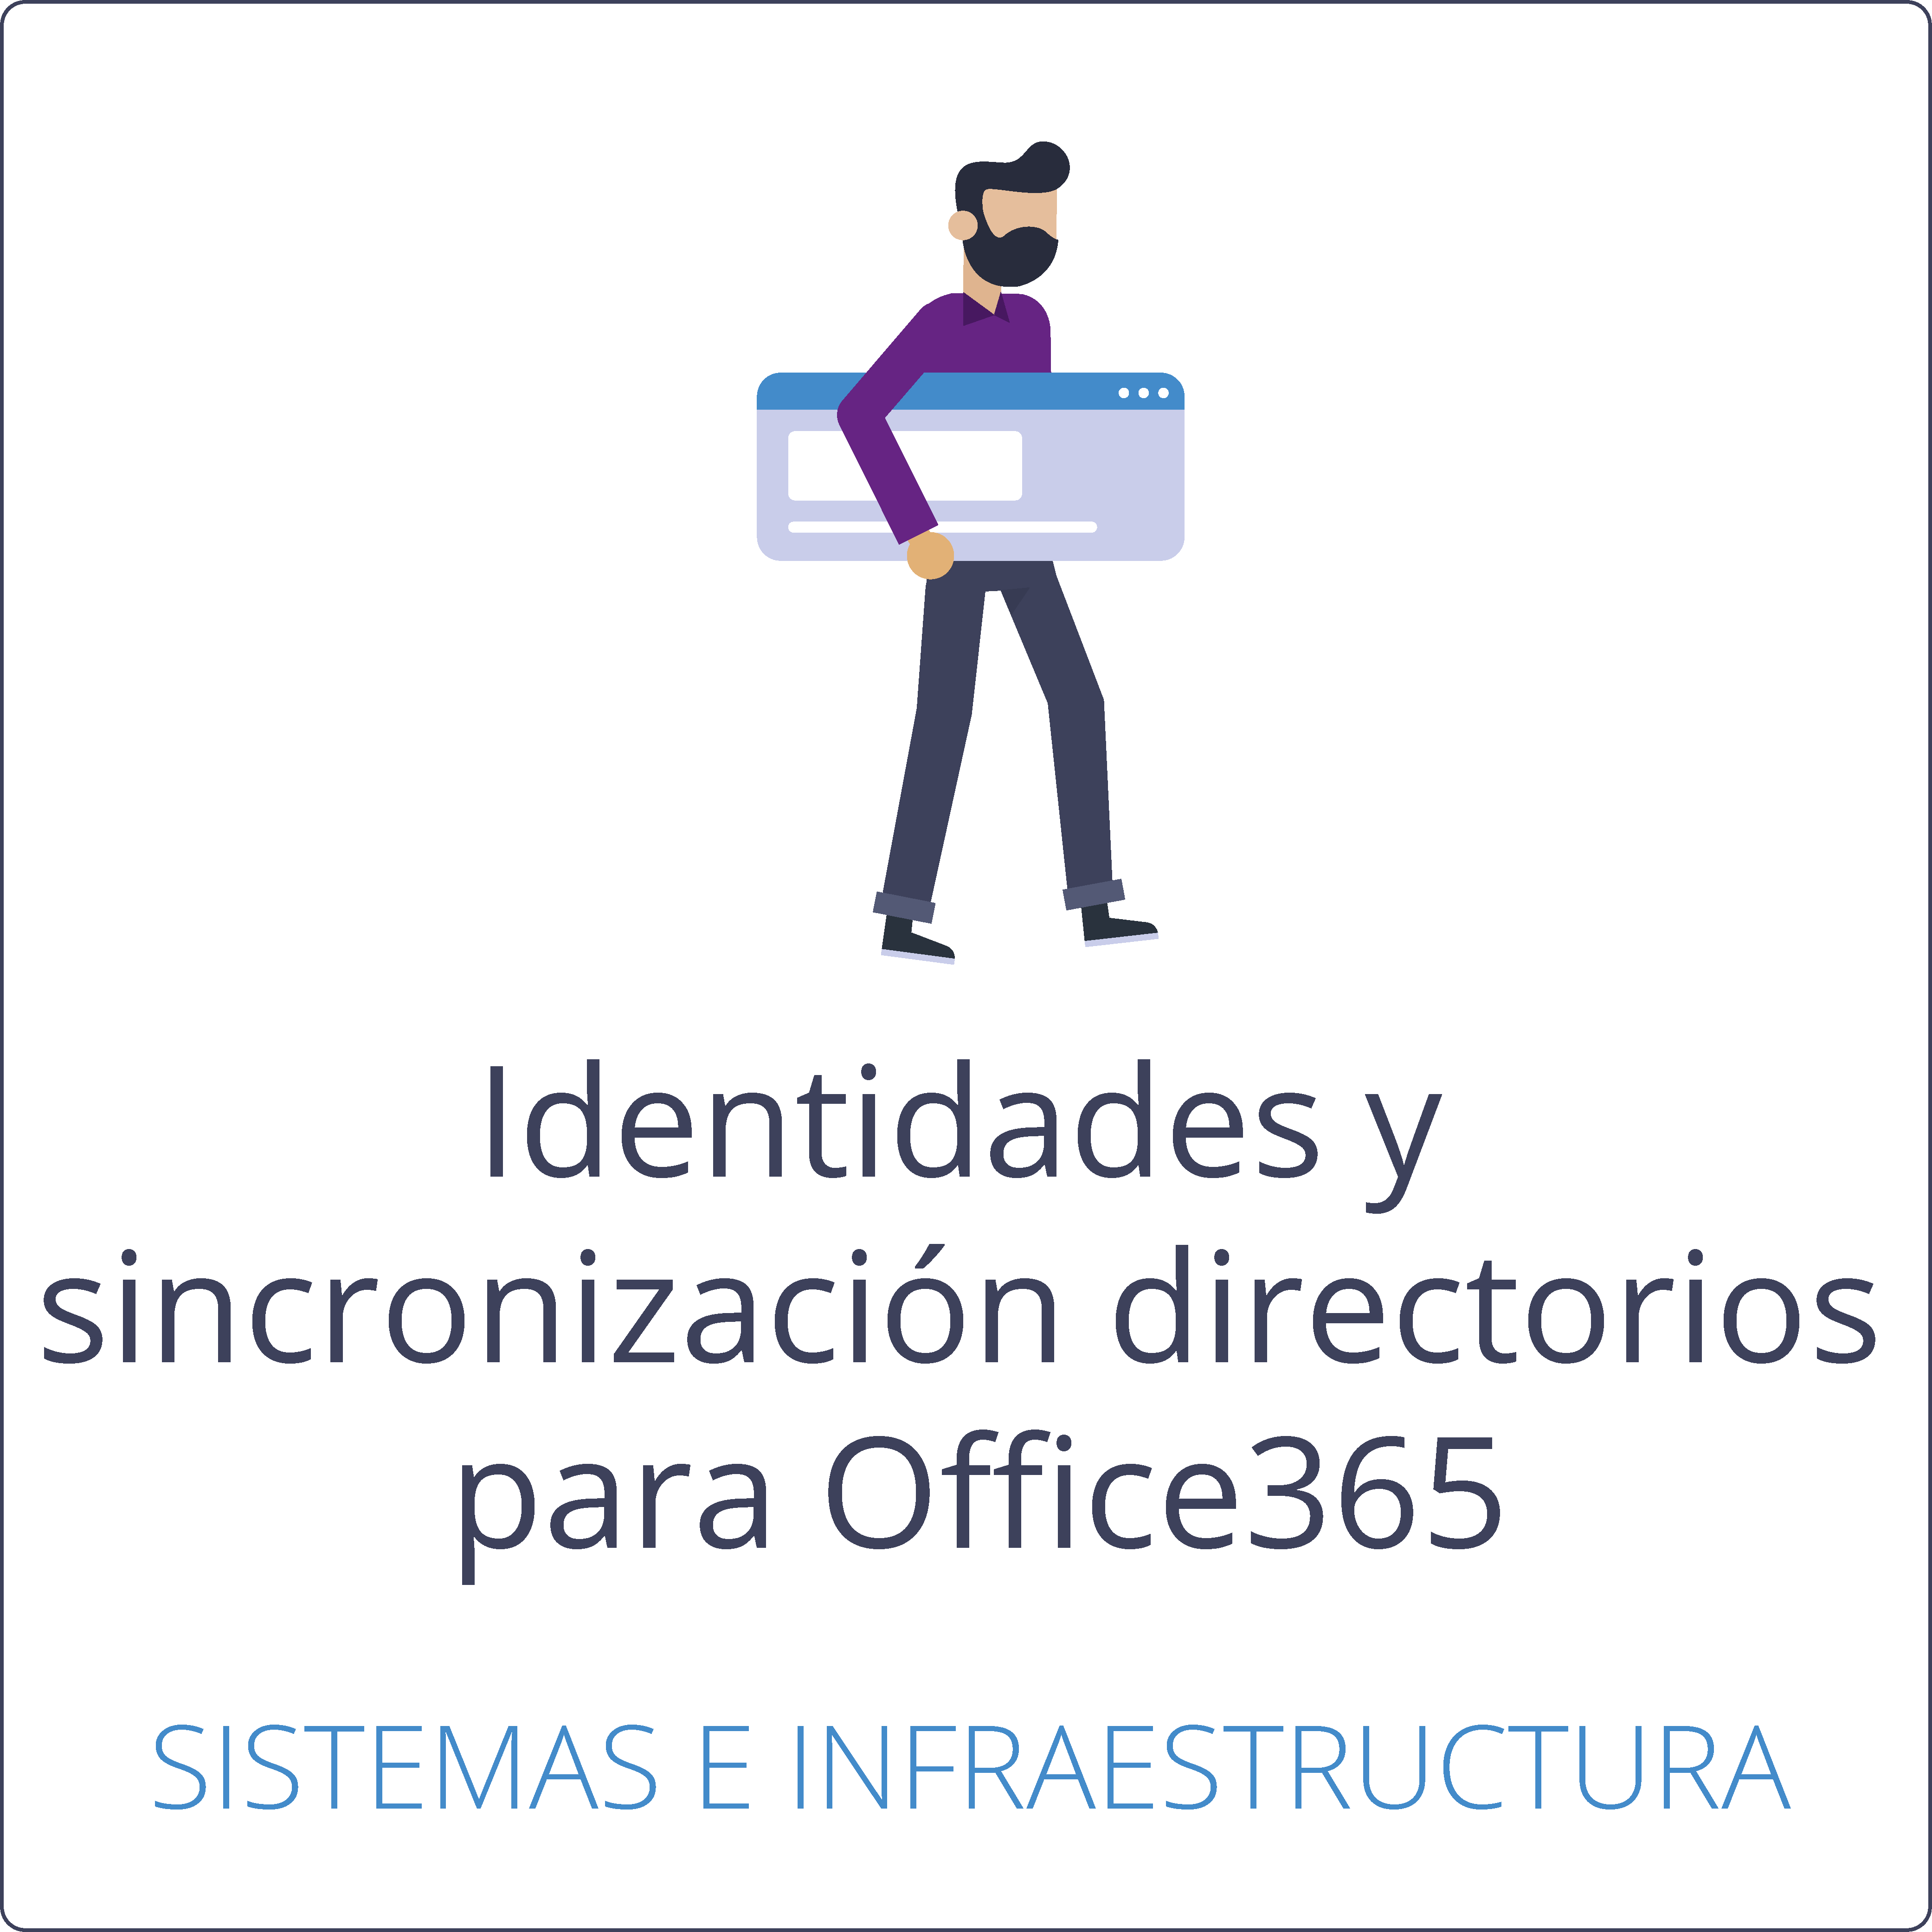 Identidades híbridas y sincronización de directorios para Office365